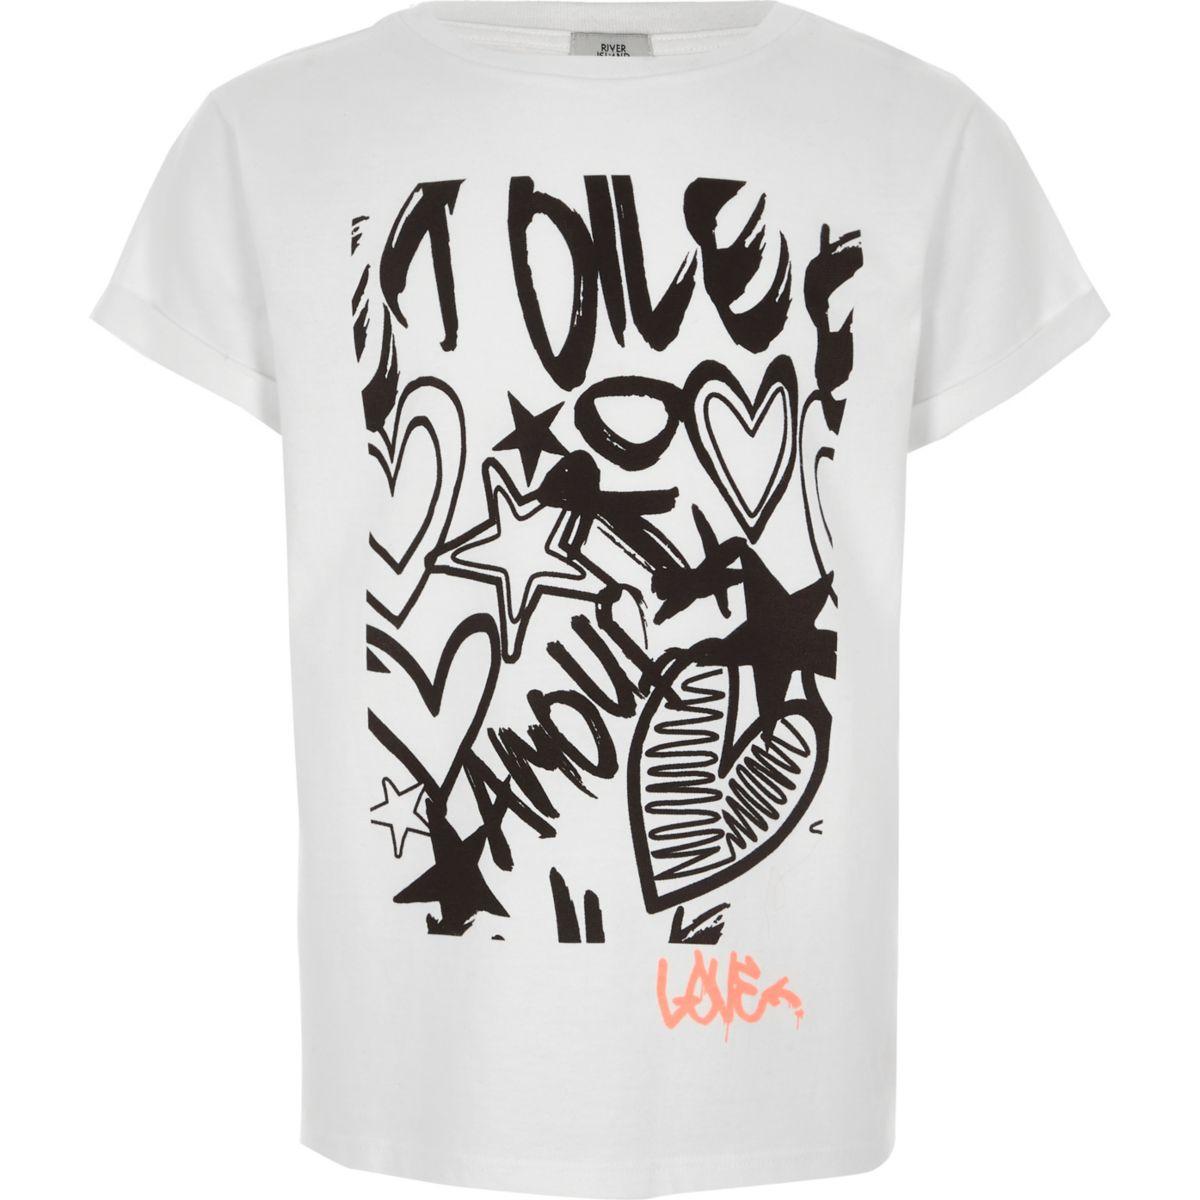 Girls white graffiti print T-shirt